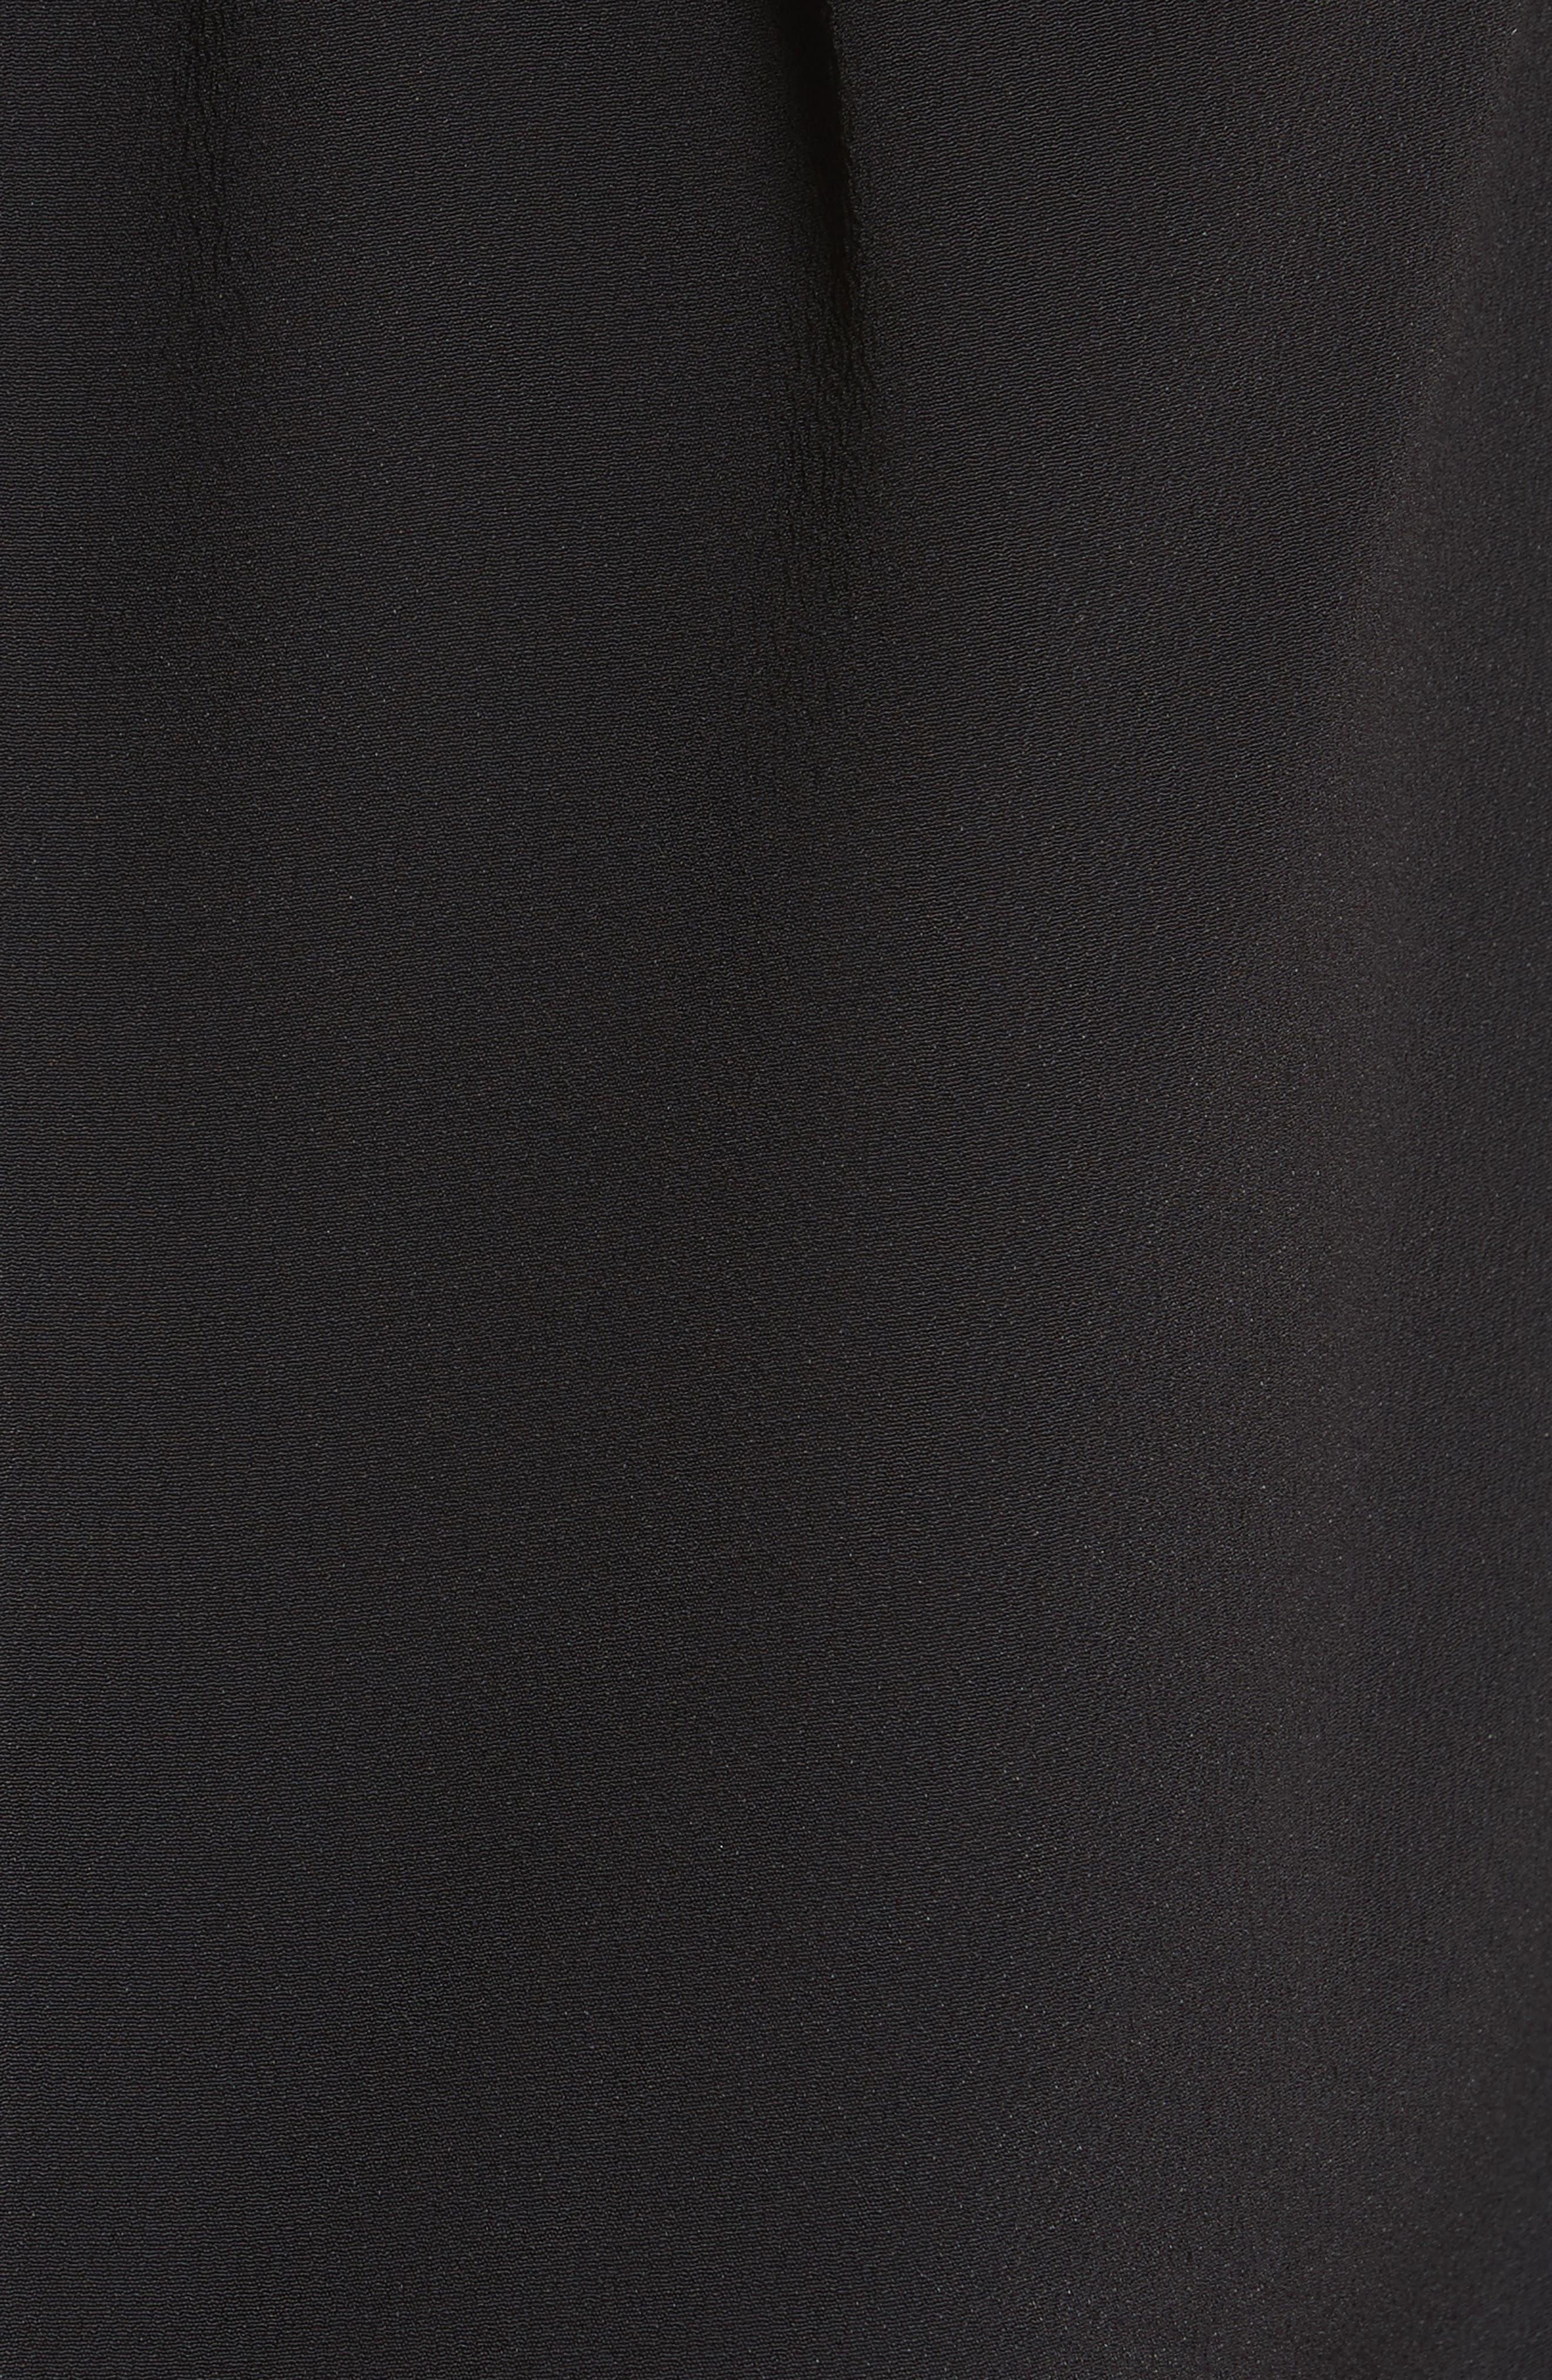 Tucked Neck Silk Blend Blouse,                             Alternate thumbnail 3, color,                             Black